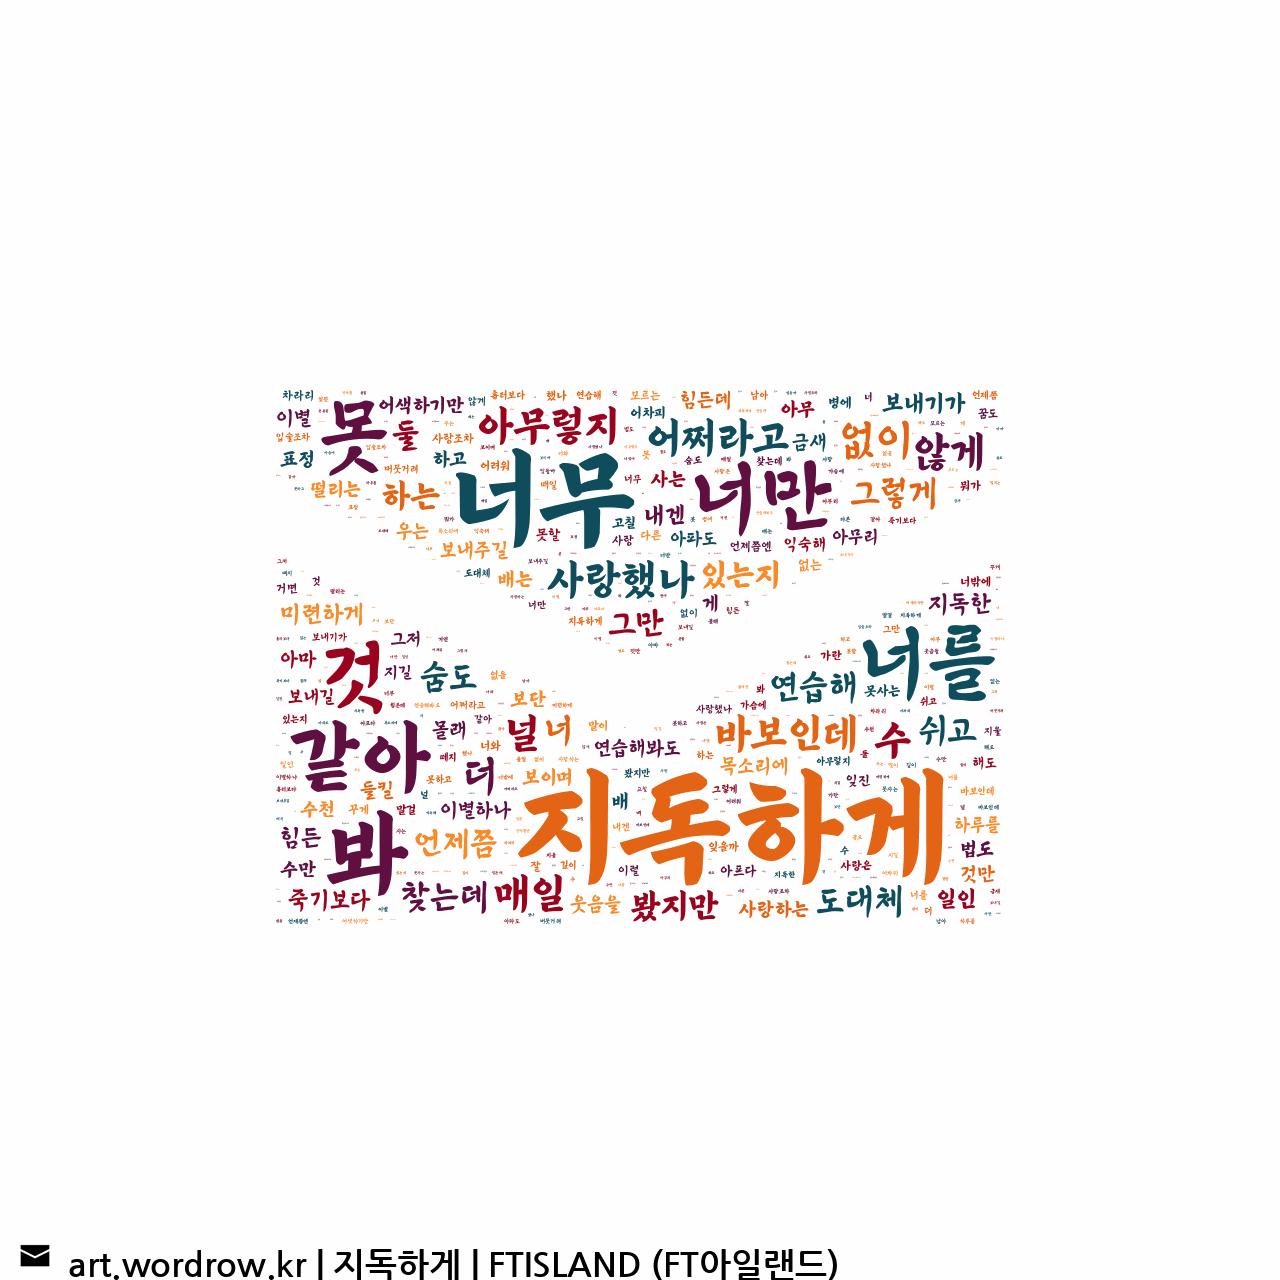 워드 아트: 지독하게 [FTISLAND (FT아일랜드)]-22